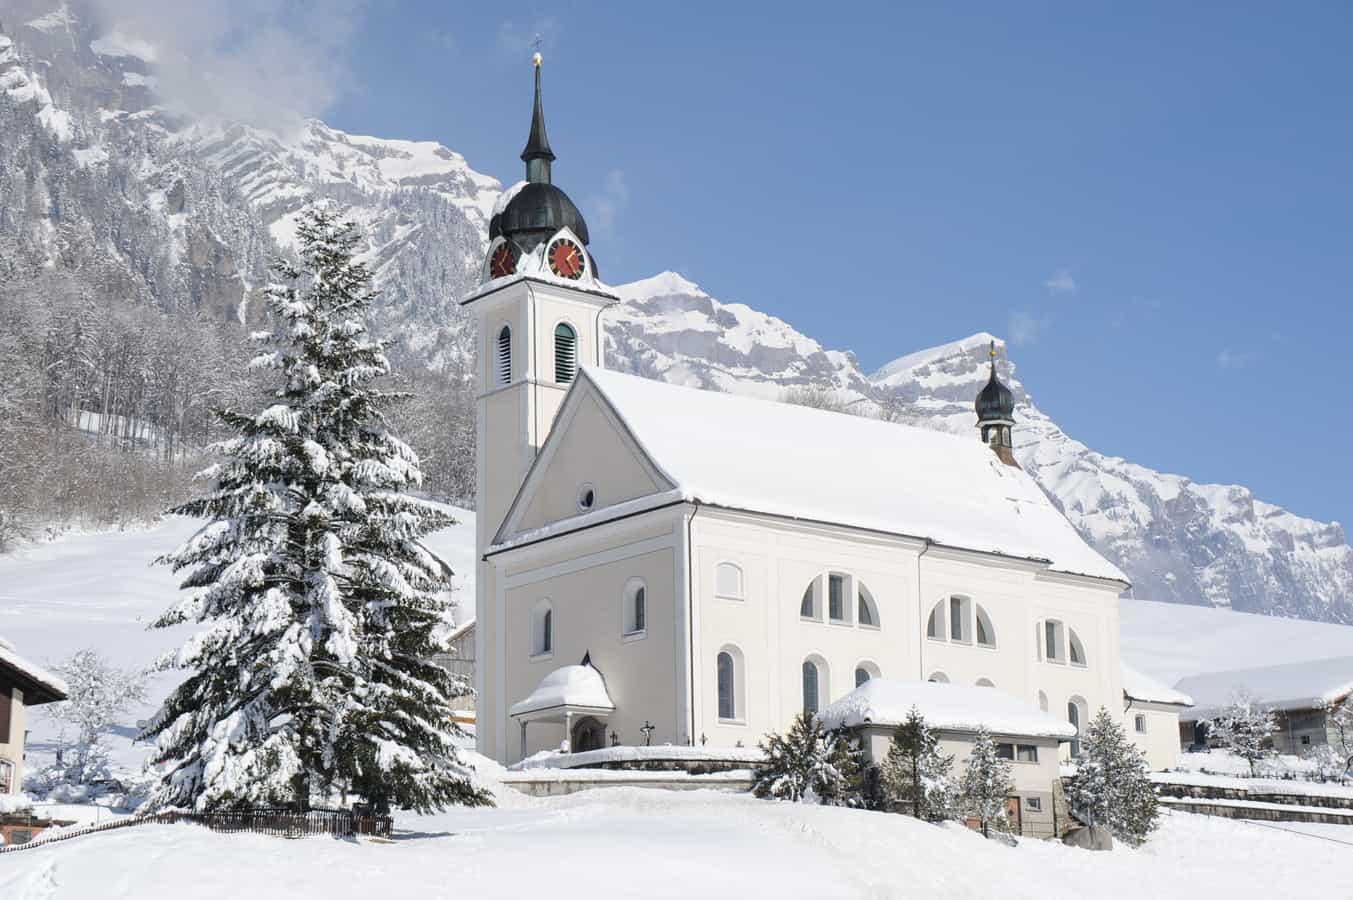 Katholische Pfarrkirche St. Sigismund und Walpurga Muotathal